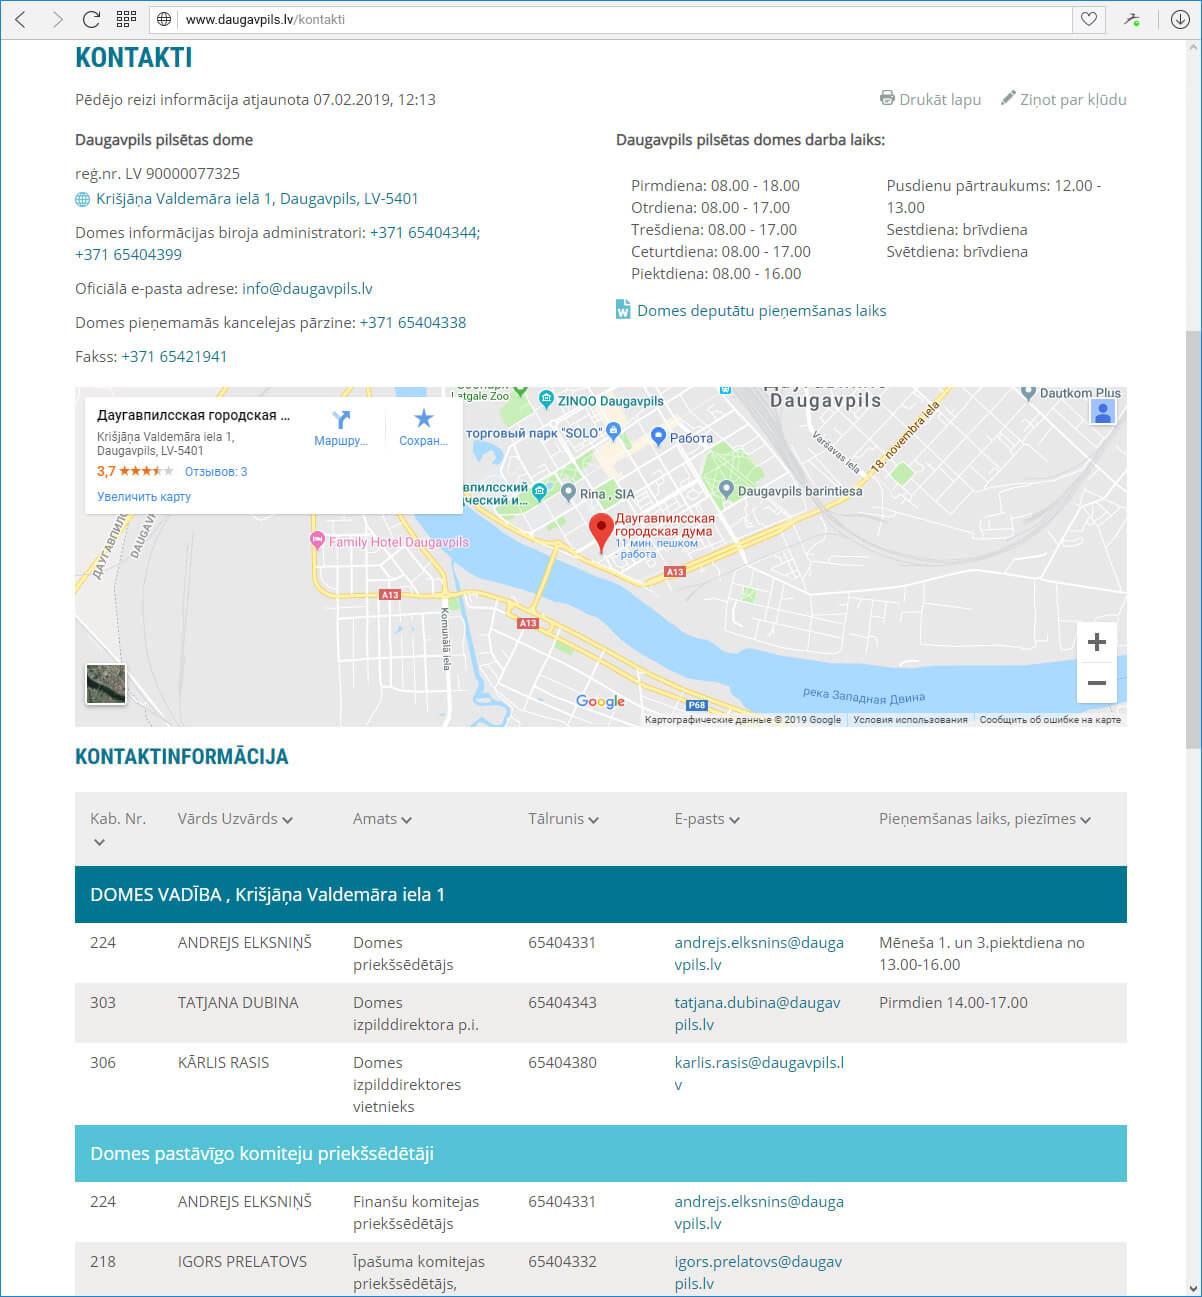 Сайт Даугавпилсской городской думы Daugavpils.lv - контакты